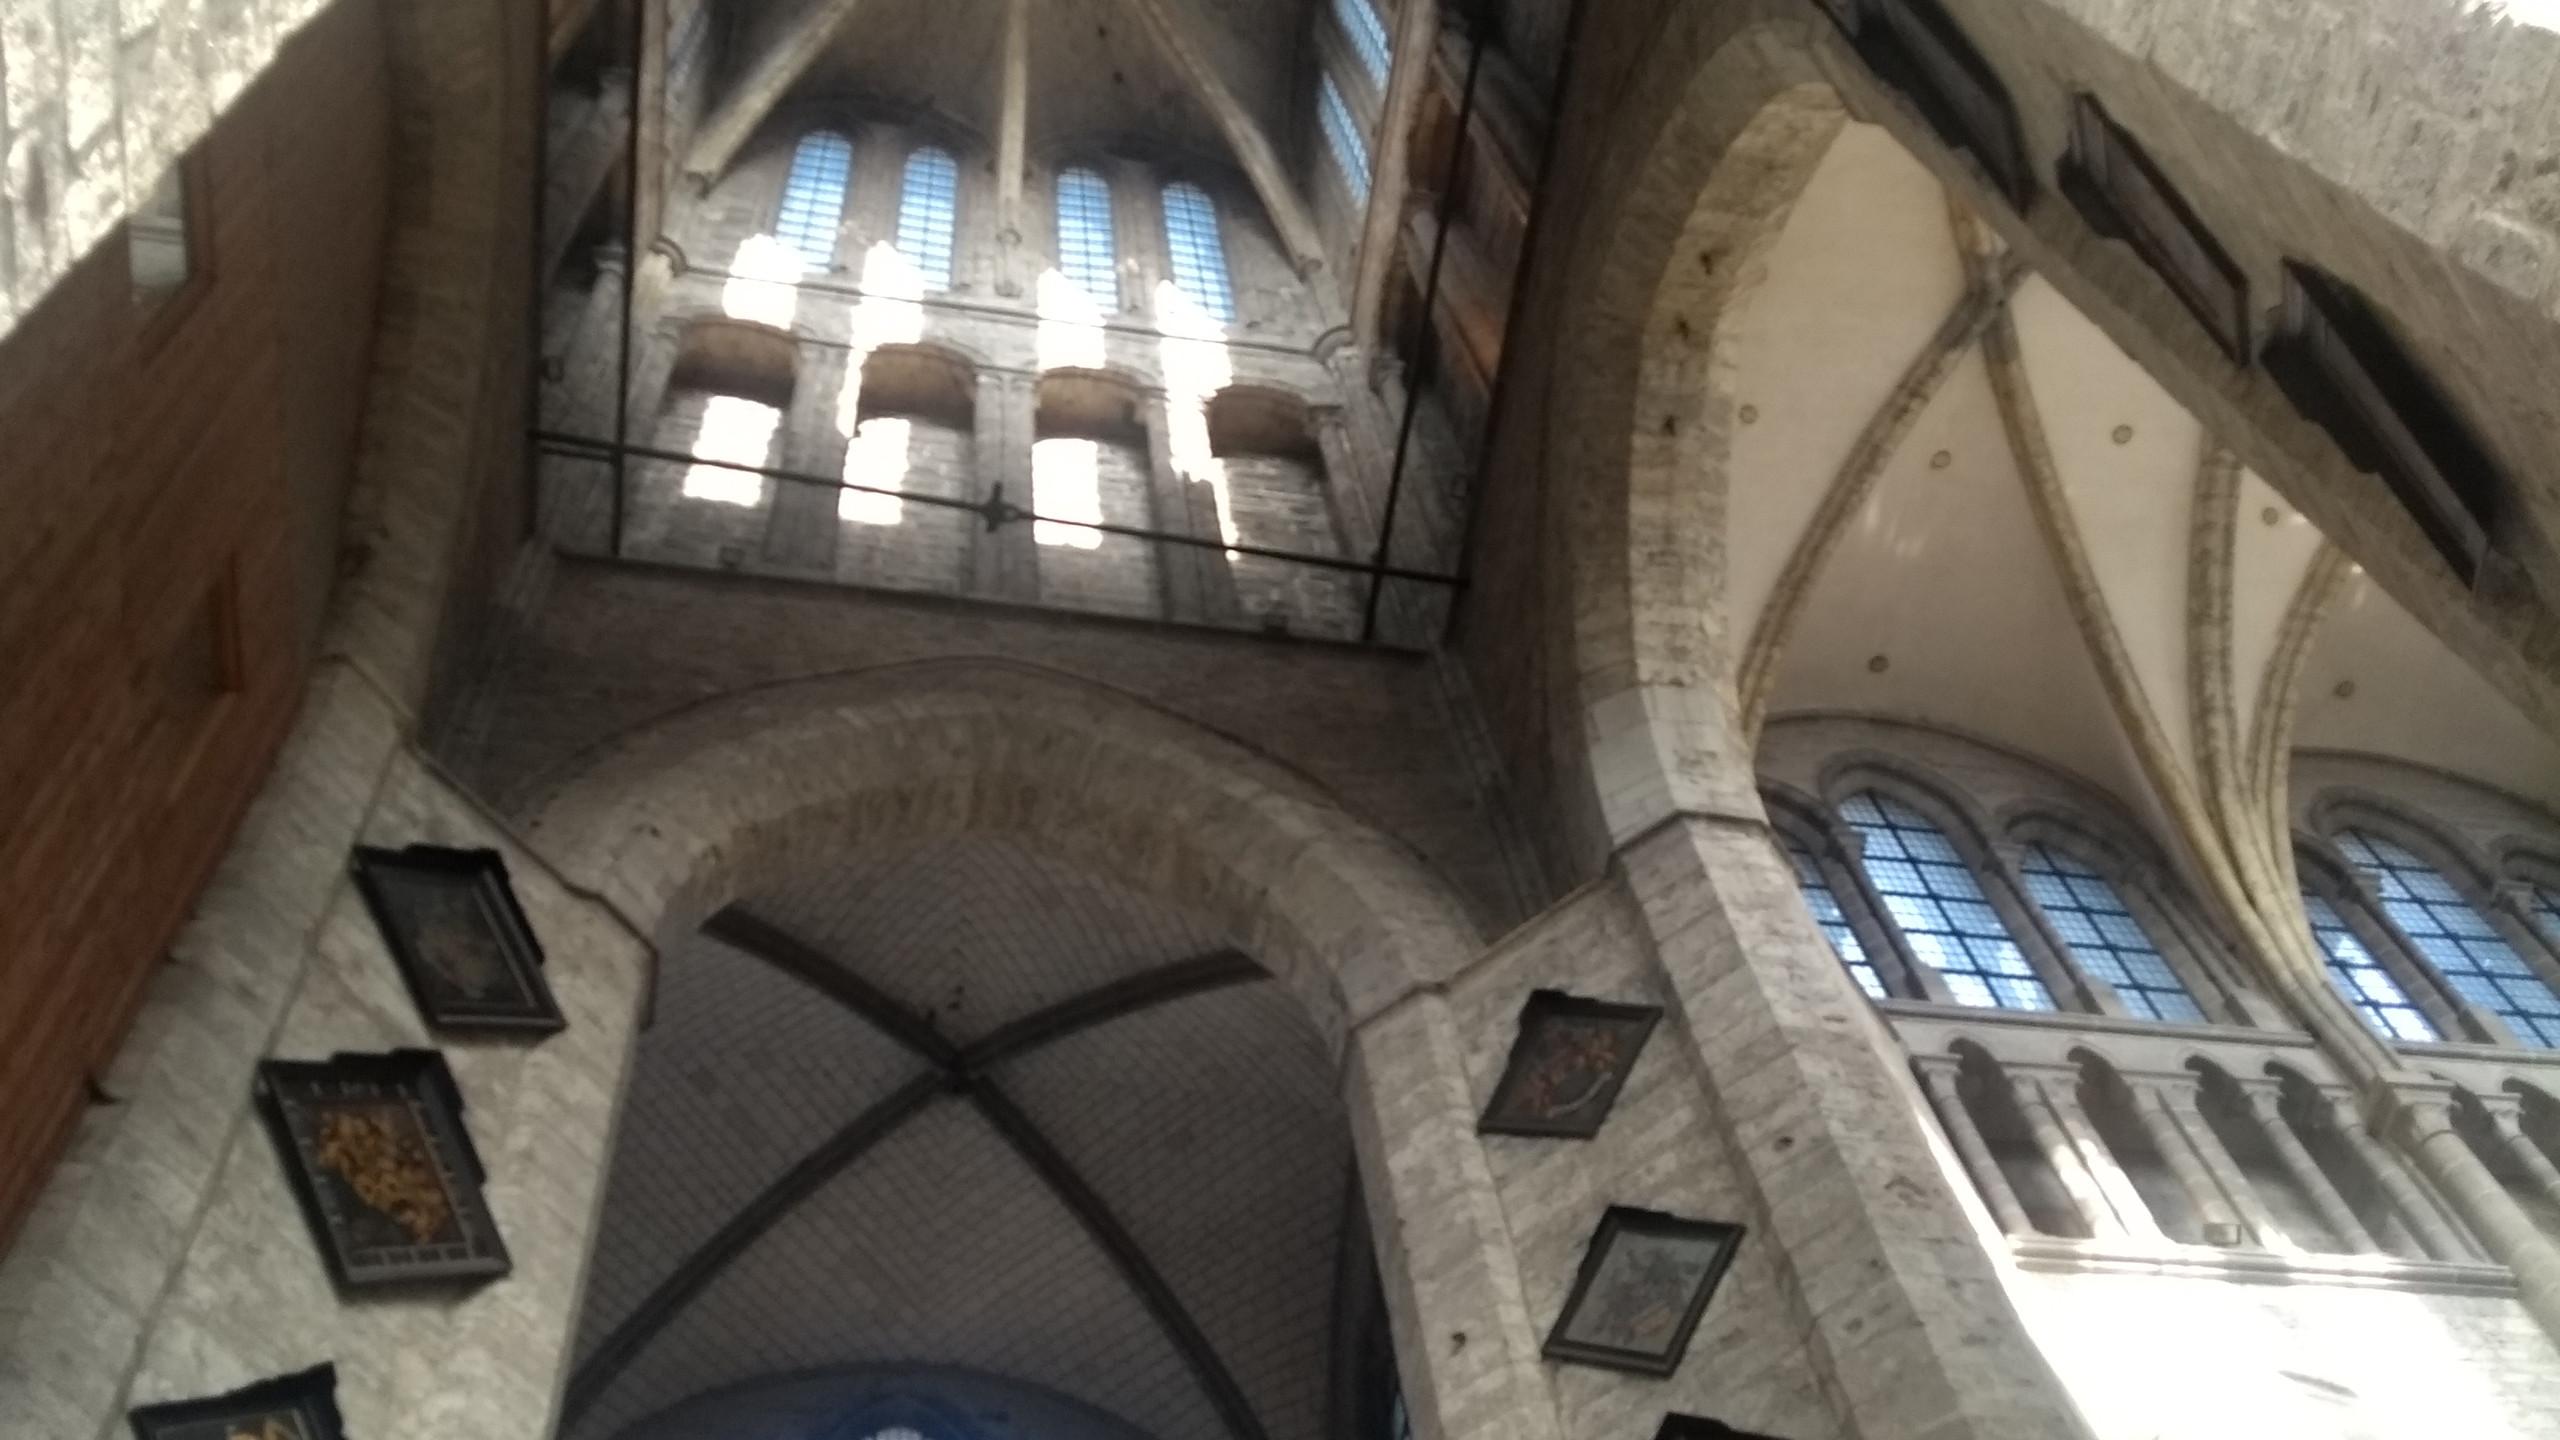 inside St. Nicholas' curch